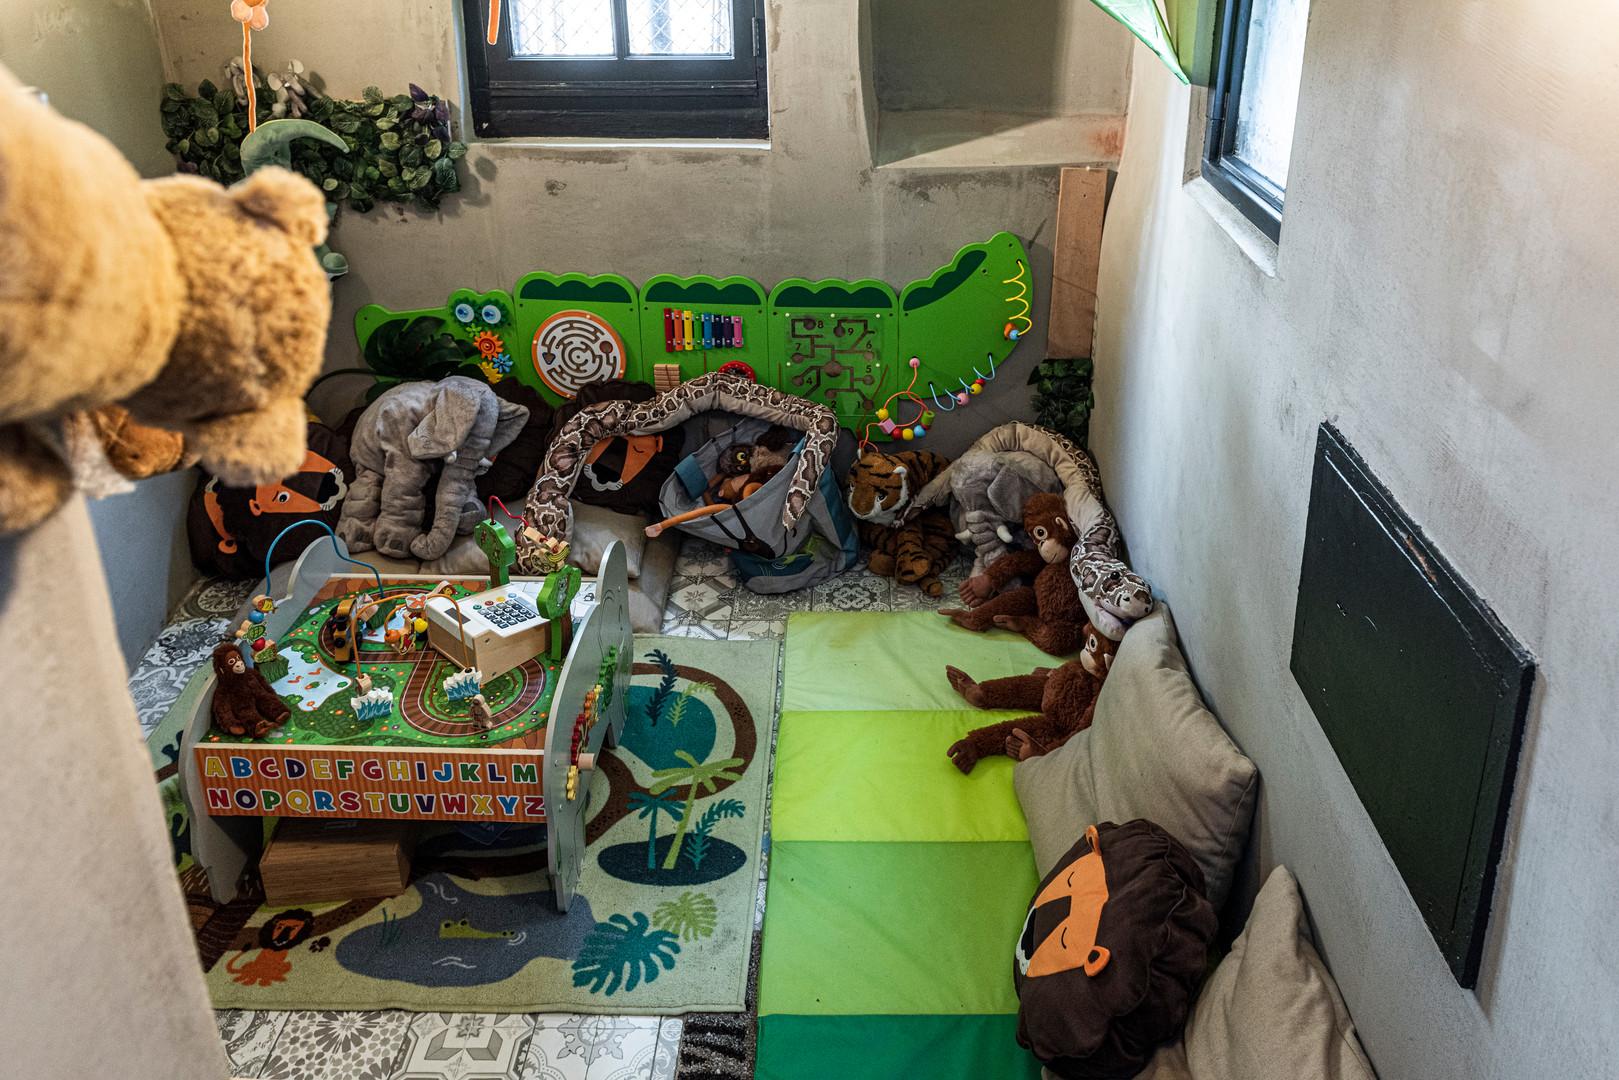 Kinderruimte St Maxime in Deventer aan d